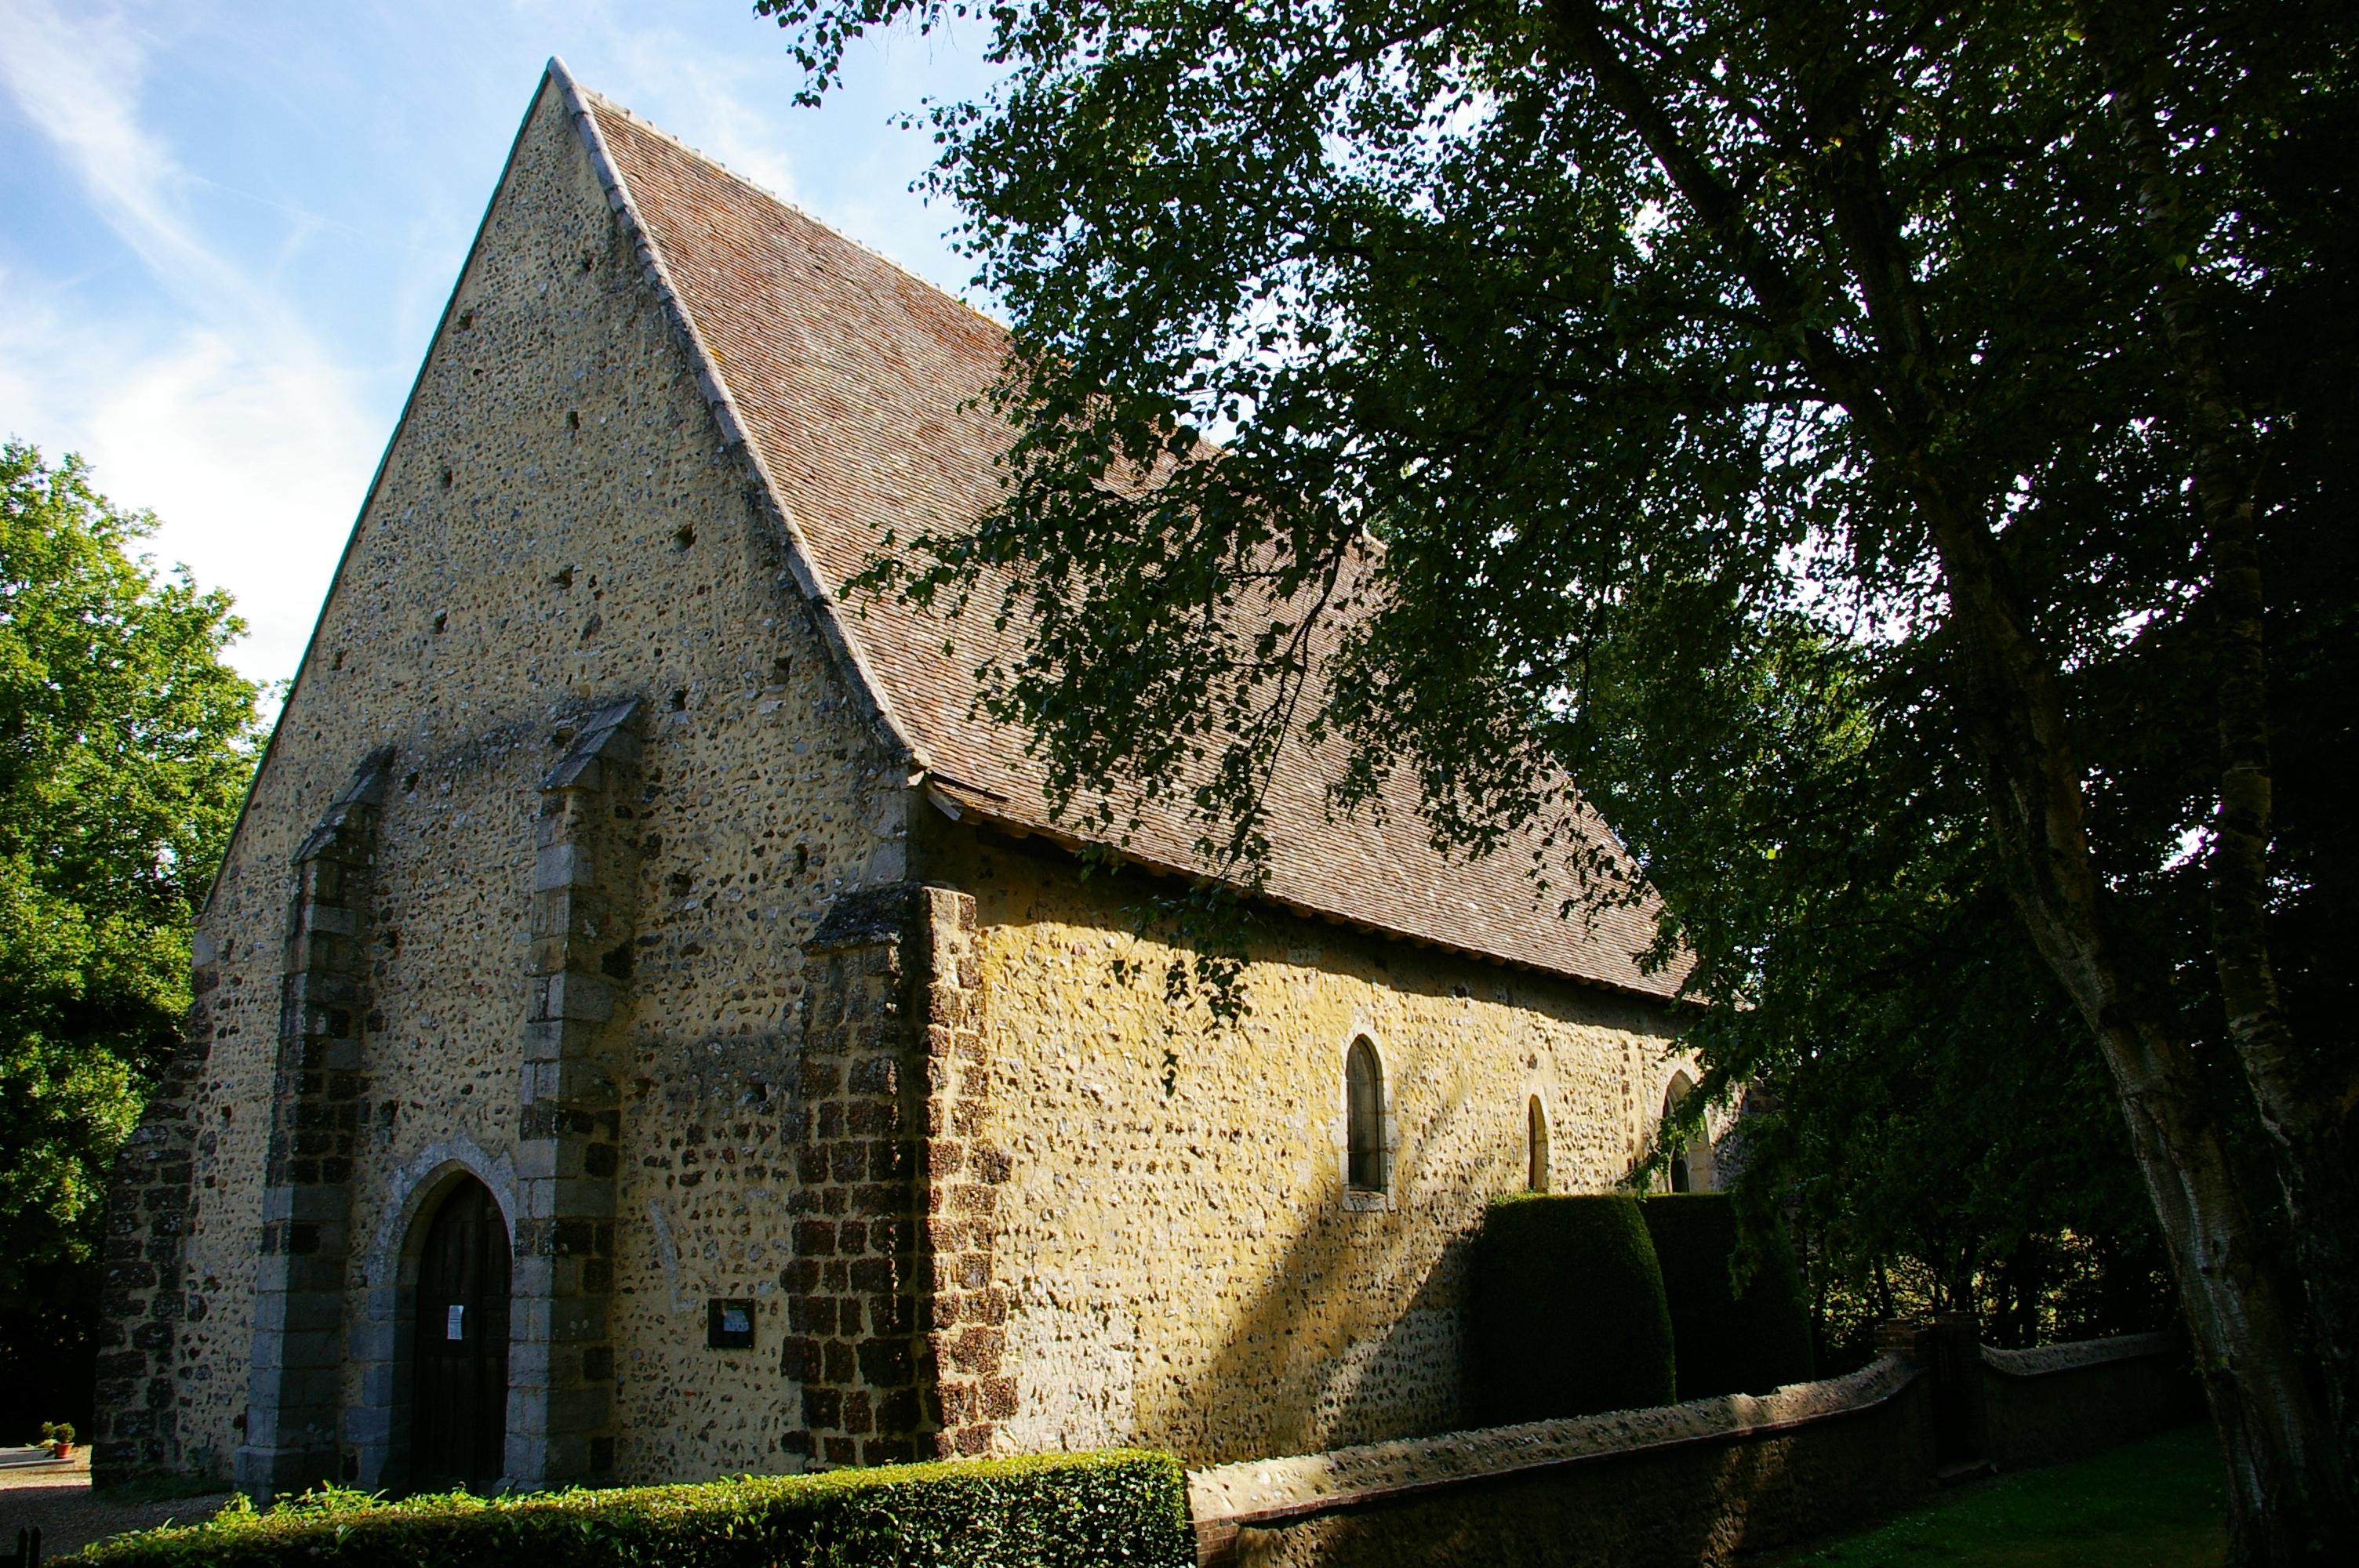 Visites commentée de la Chapelle Saint-Pierre de Réveillon à LA FERTE-VIDAME © OT Forêts du Perche